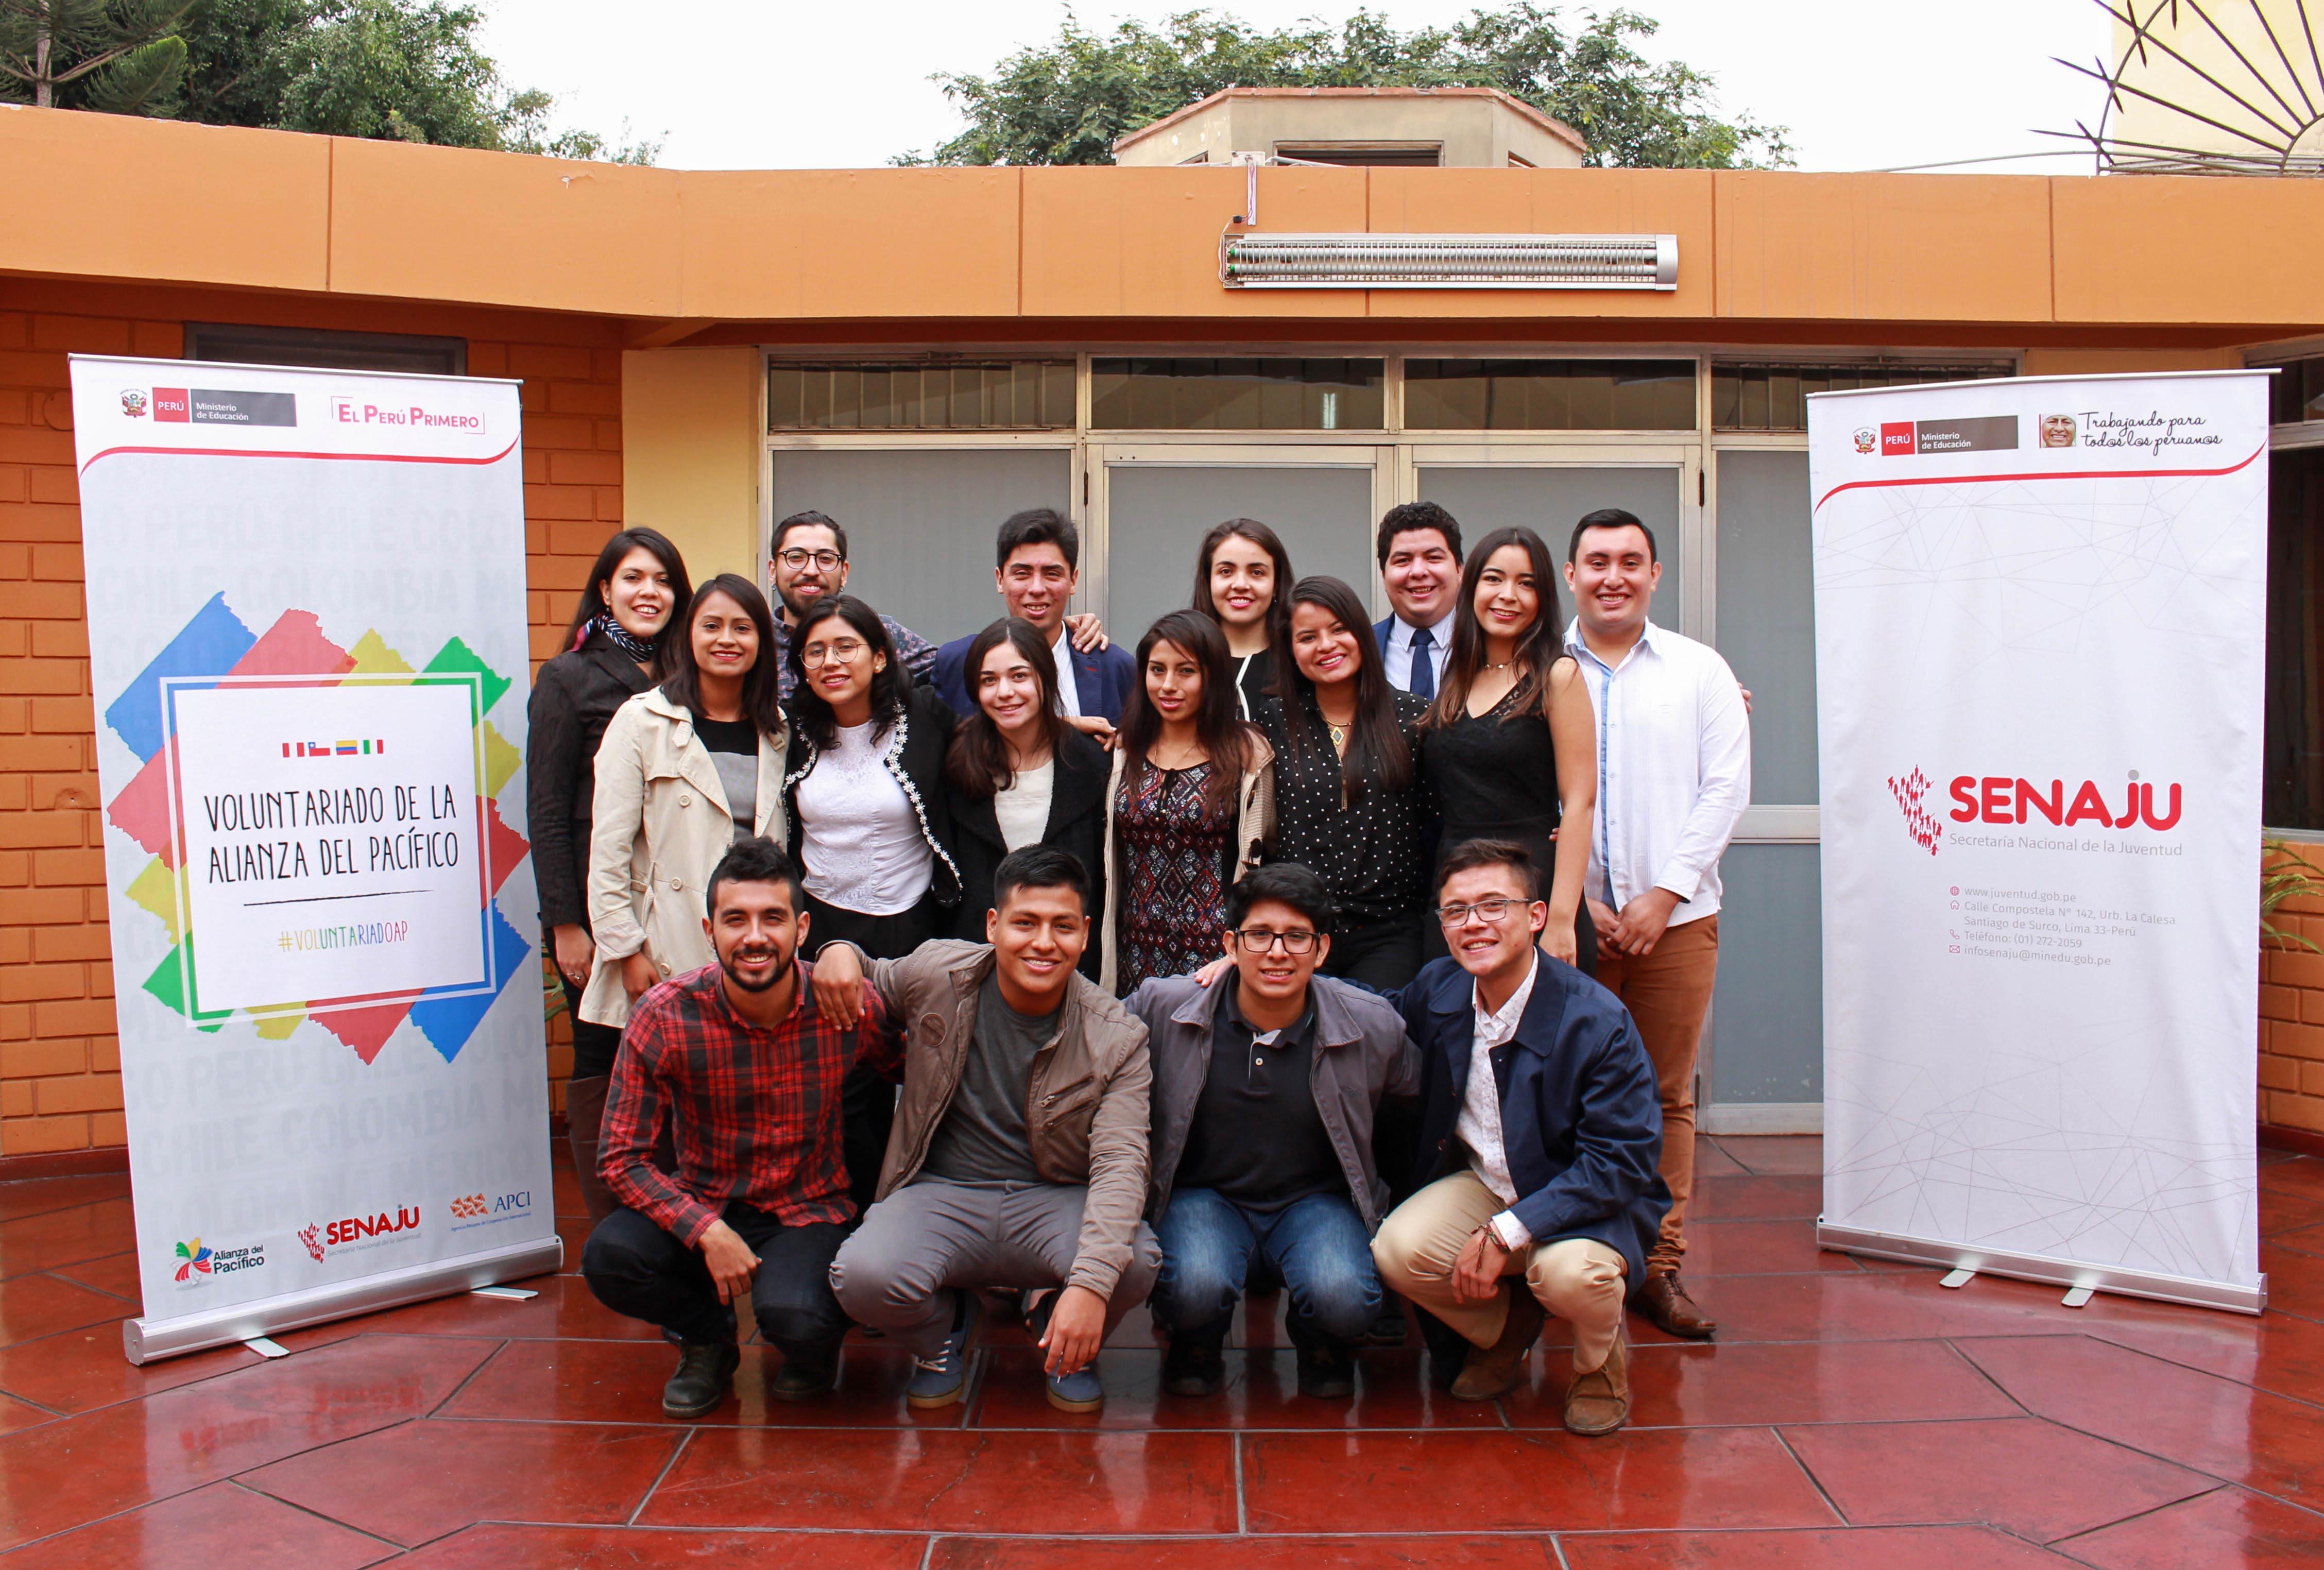 Se abre la convocatoria al Voluntariado Juvenil de la Alianza del Pacífico